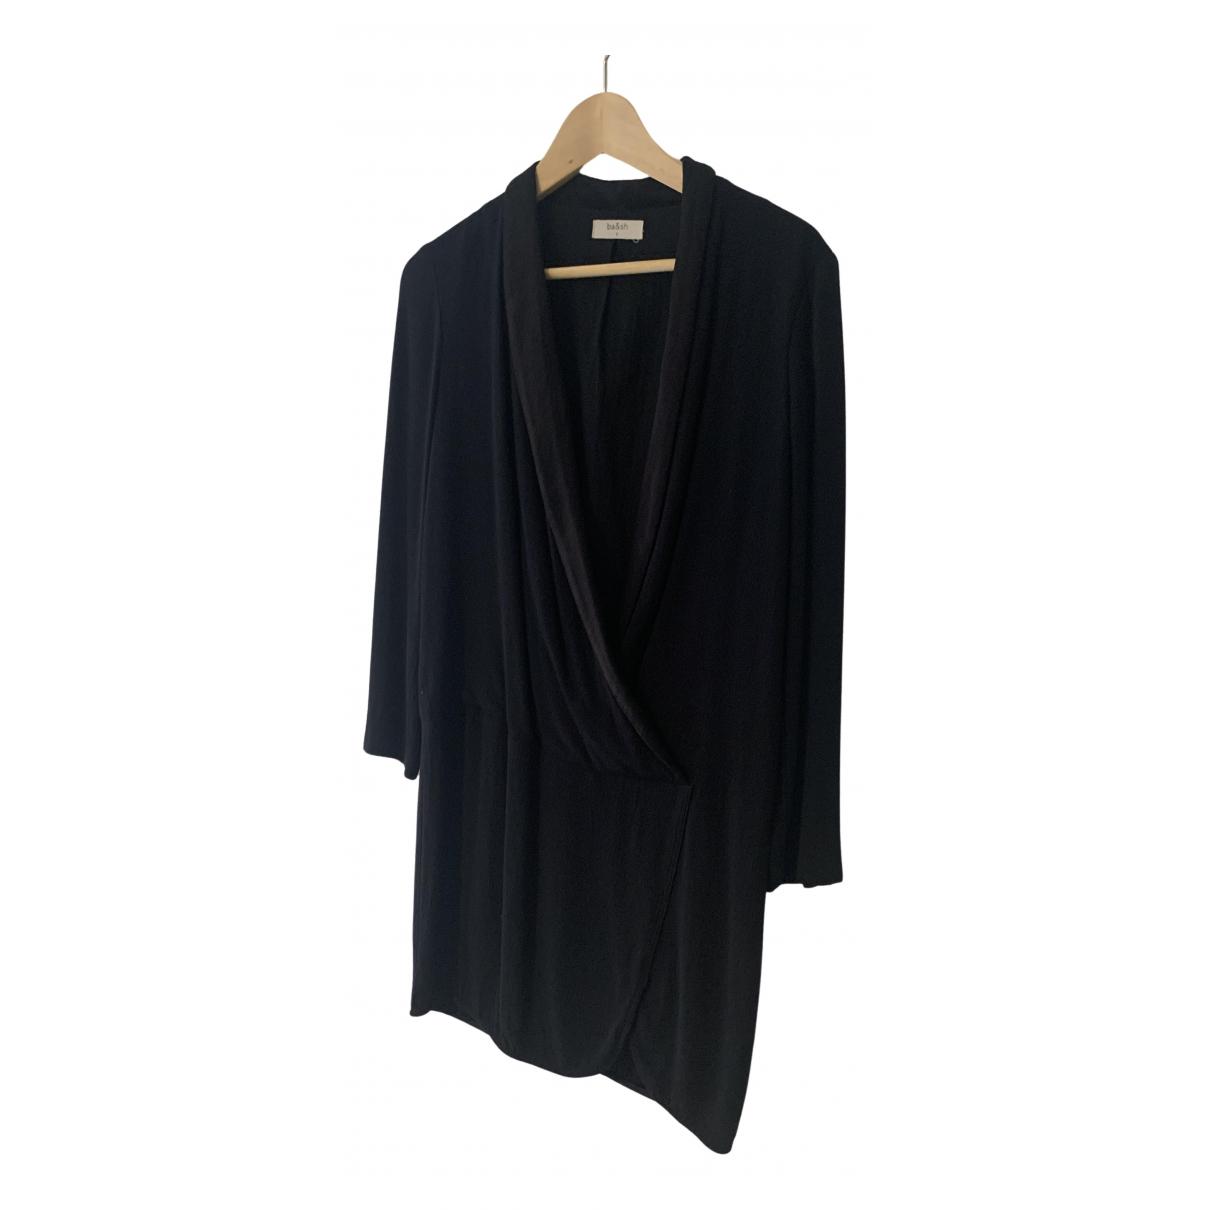 Ba&sh N Black Cotton dress for Women 1 US